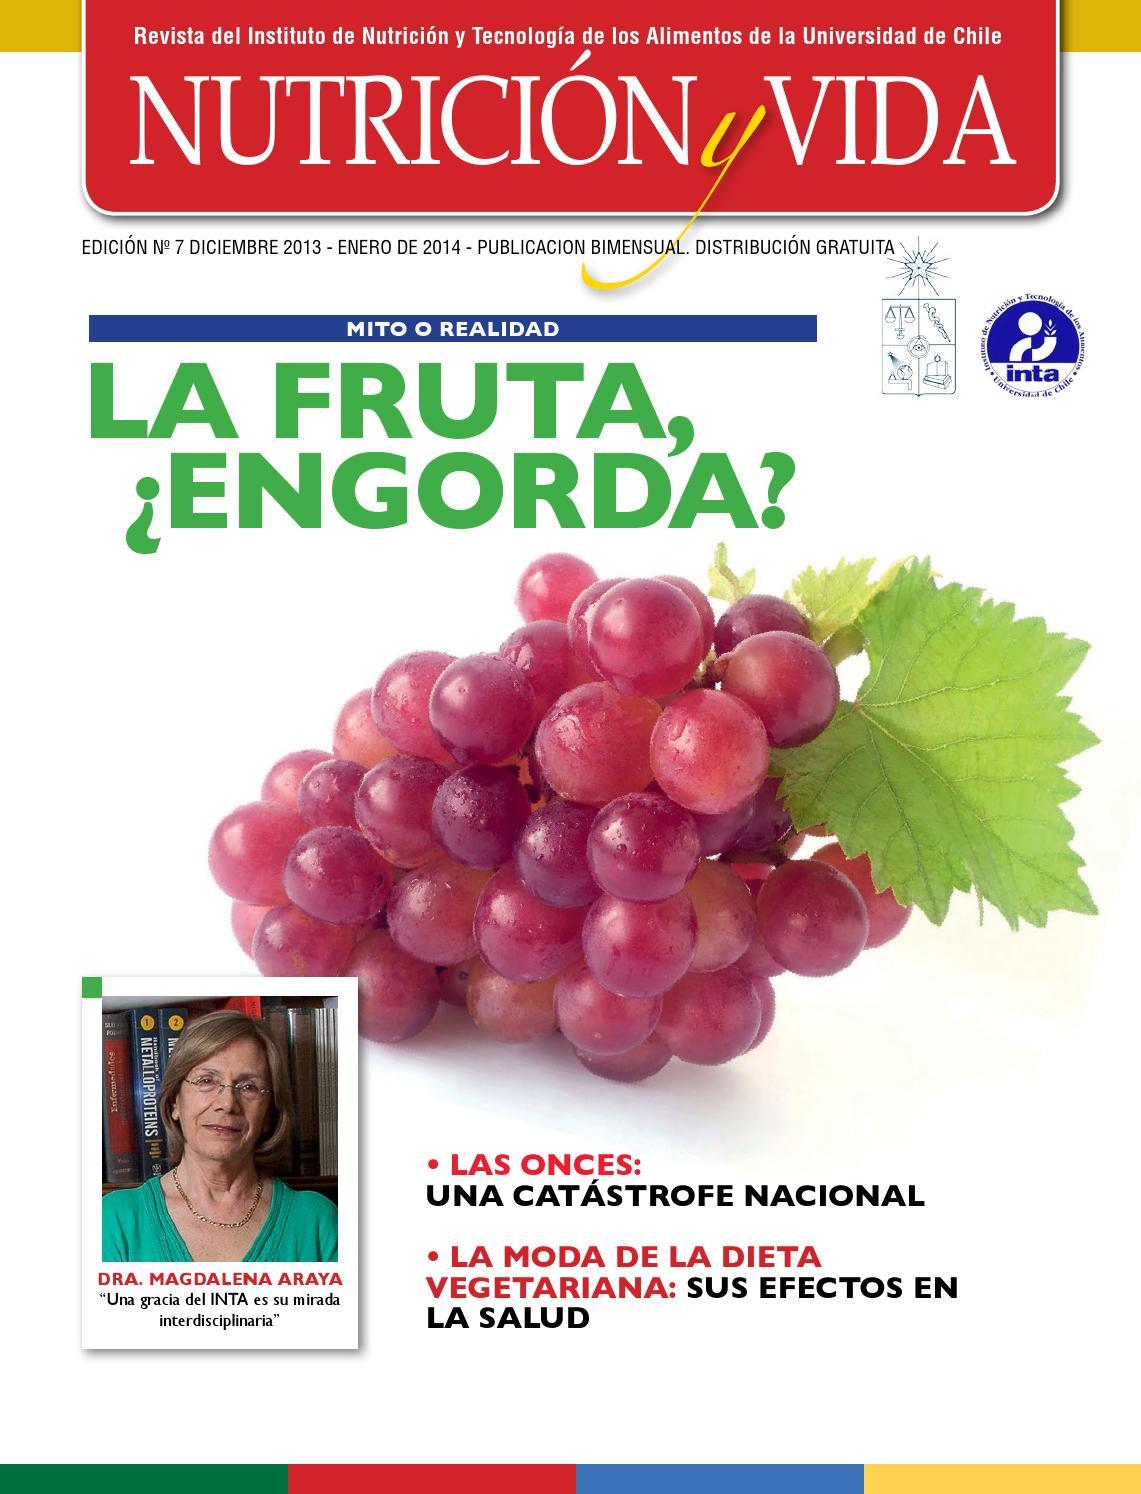 Nutrición y vida 7 by INTAUChile - issuu